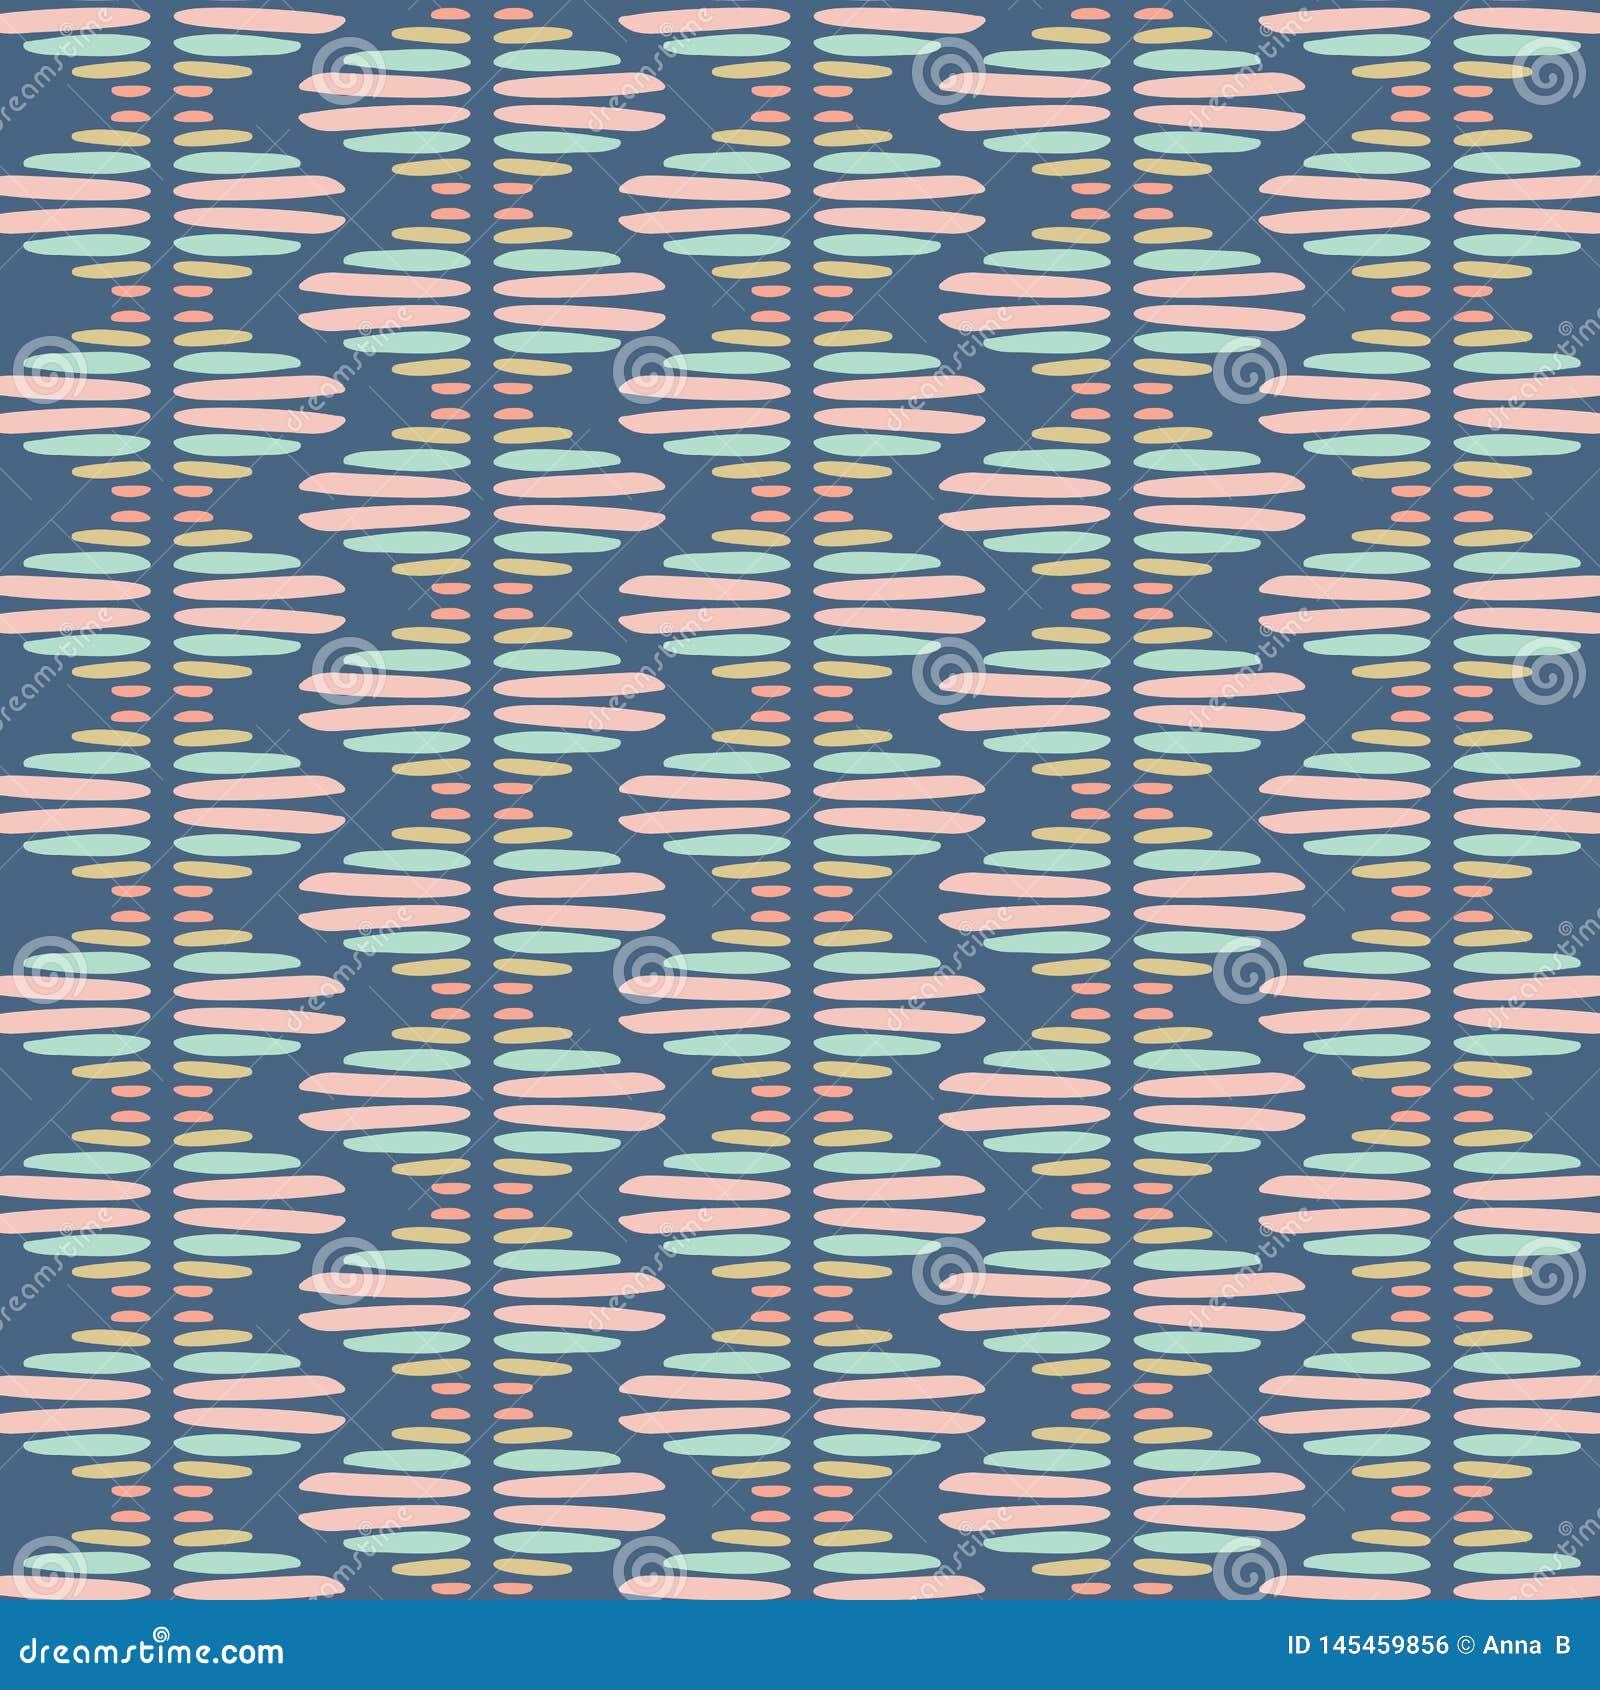 Modelo inconsútil de la repetición del vector del extracto Textura tribal elegante moderna de repetir las tejas geométricas de